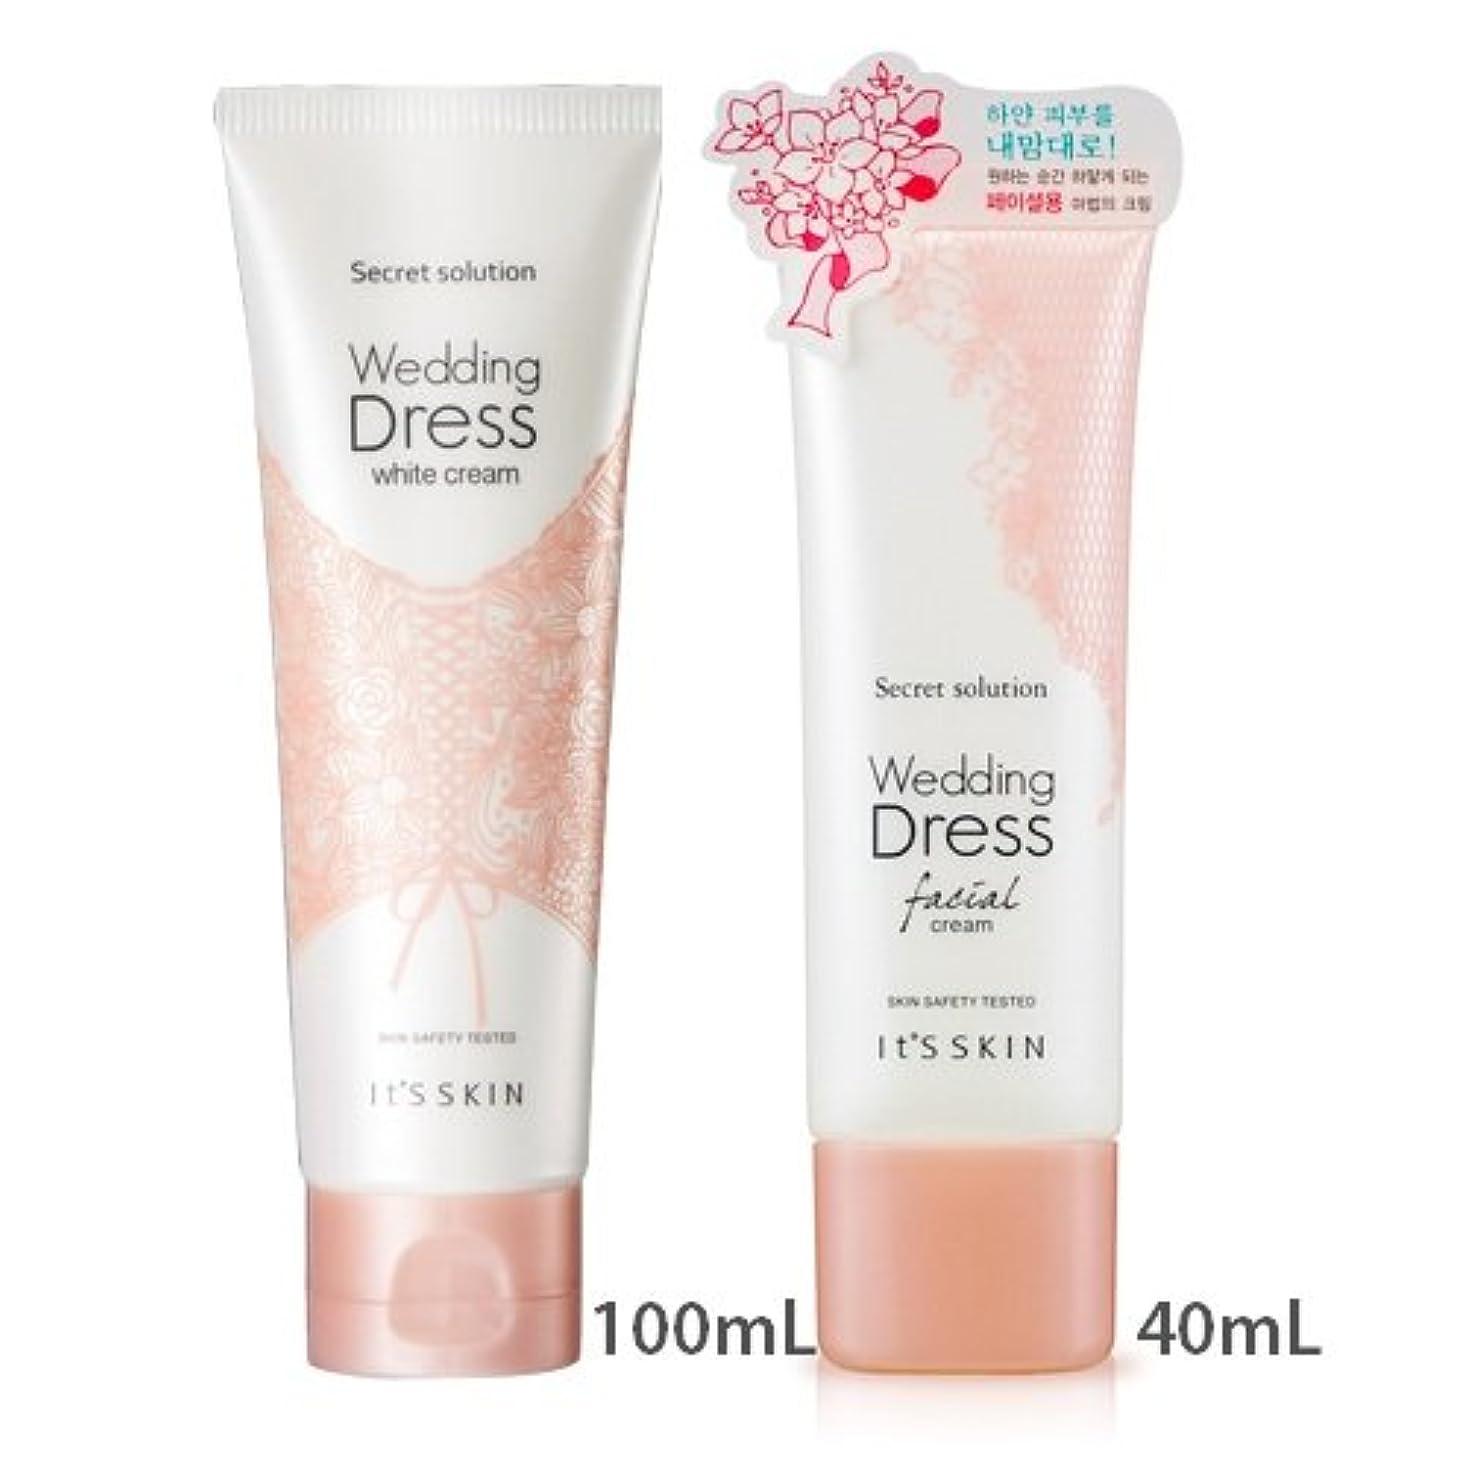 鷹筋プレゼン[1+1] It's skin Secret Solution Wedding Dress Facial Cream 40mL + Secret Solution Wedding Dress Cream 100mL イッツスキン...